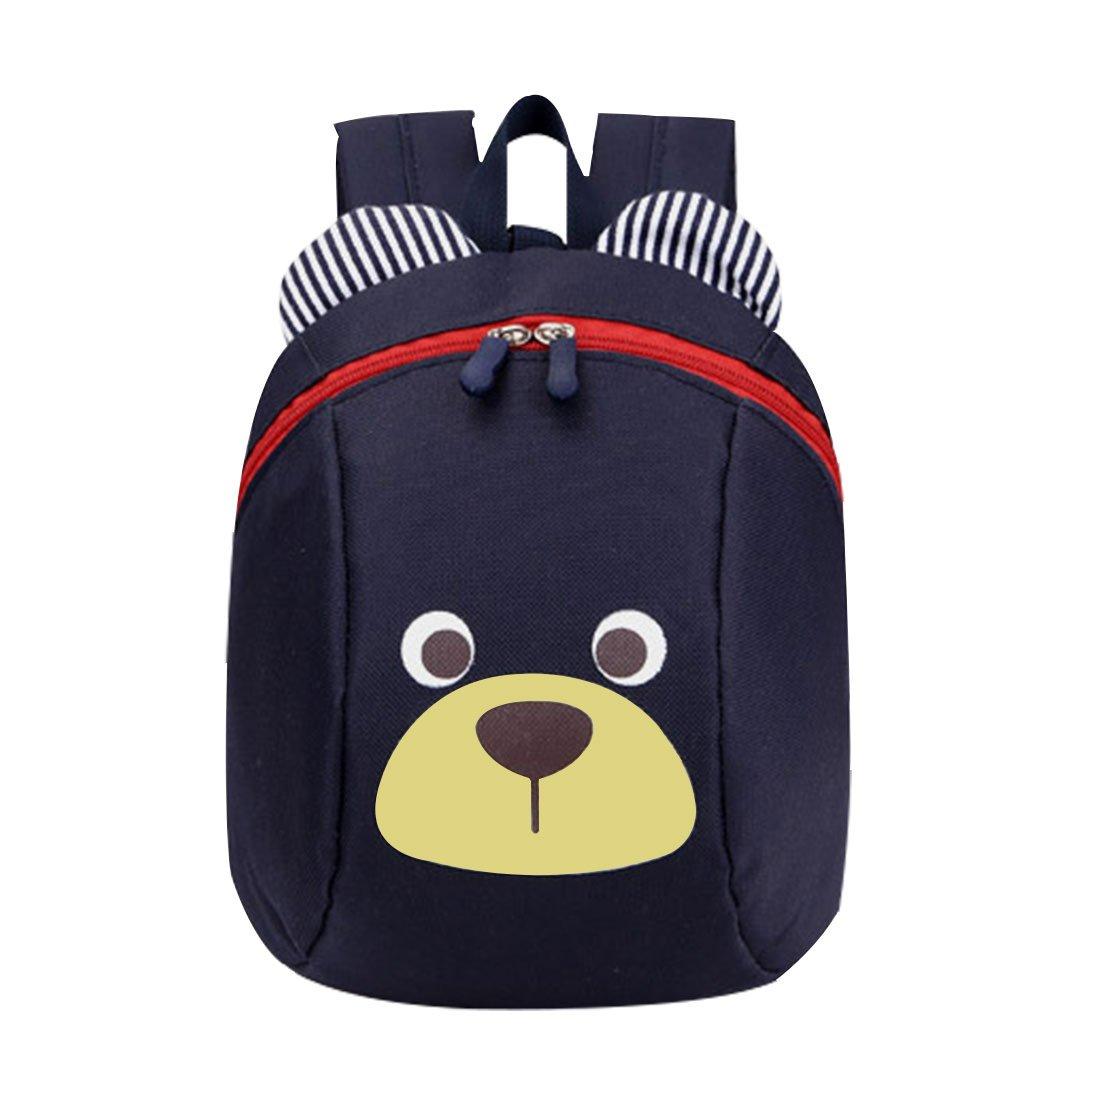 GWELL S/ü/ß B/är Mini Rucksack Kinder Babyrucksack Kindergartenrucksack Backpack Schultasche Kleinkind M/ädchen Jungen dunkelblau